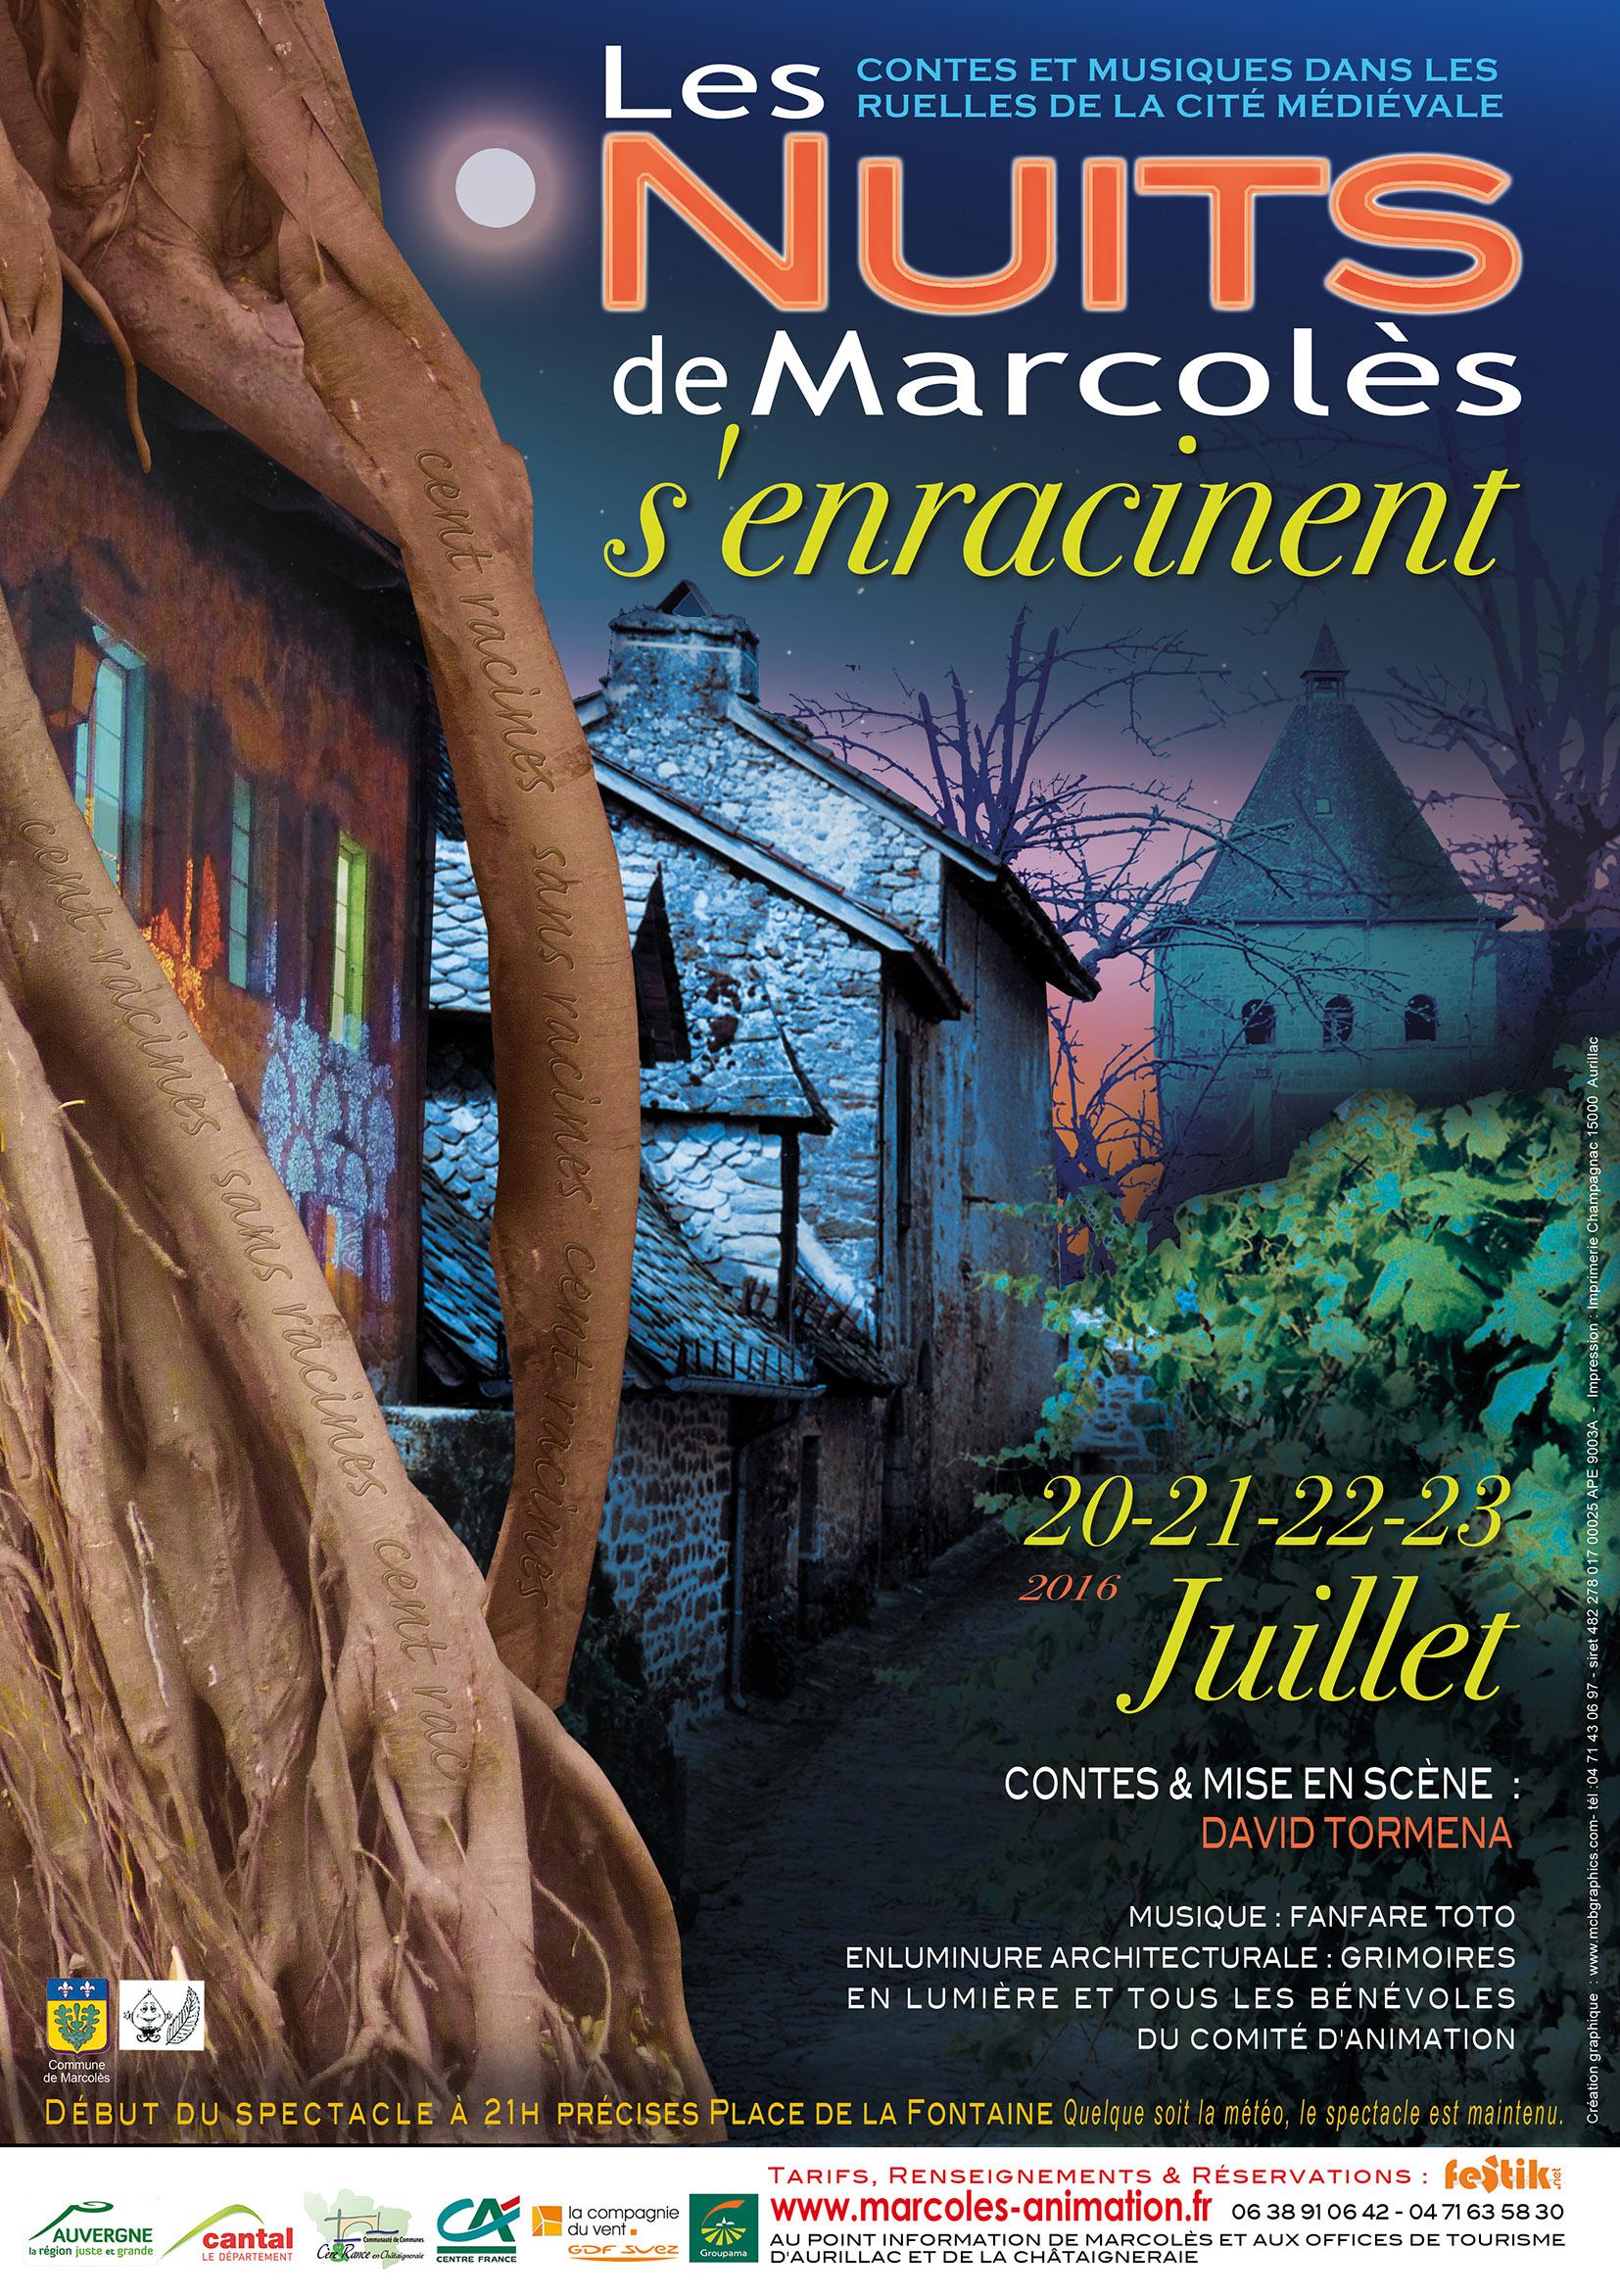 Nuits_de_Marcole_s_2016-1462198537.jpg